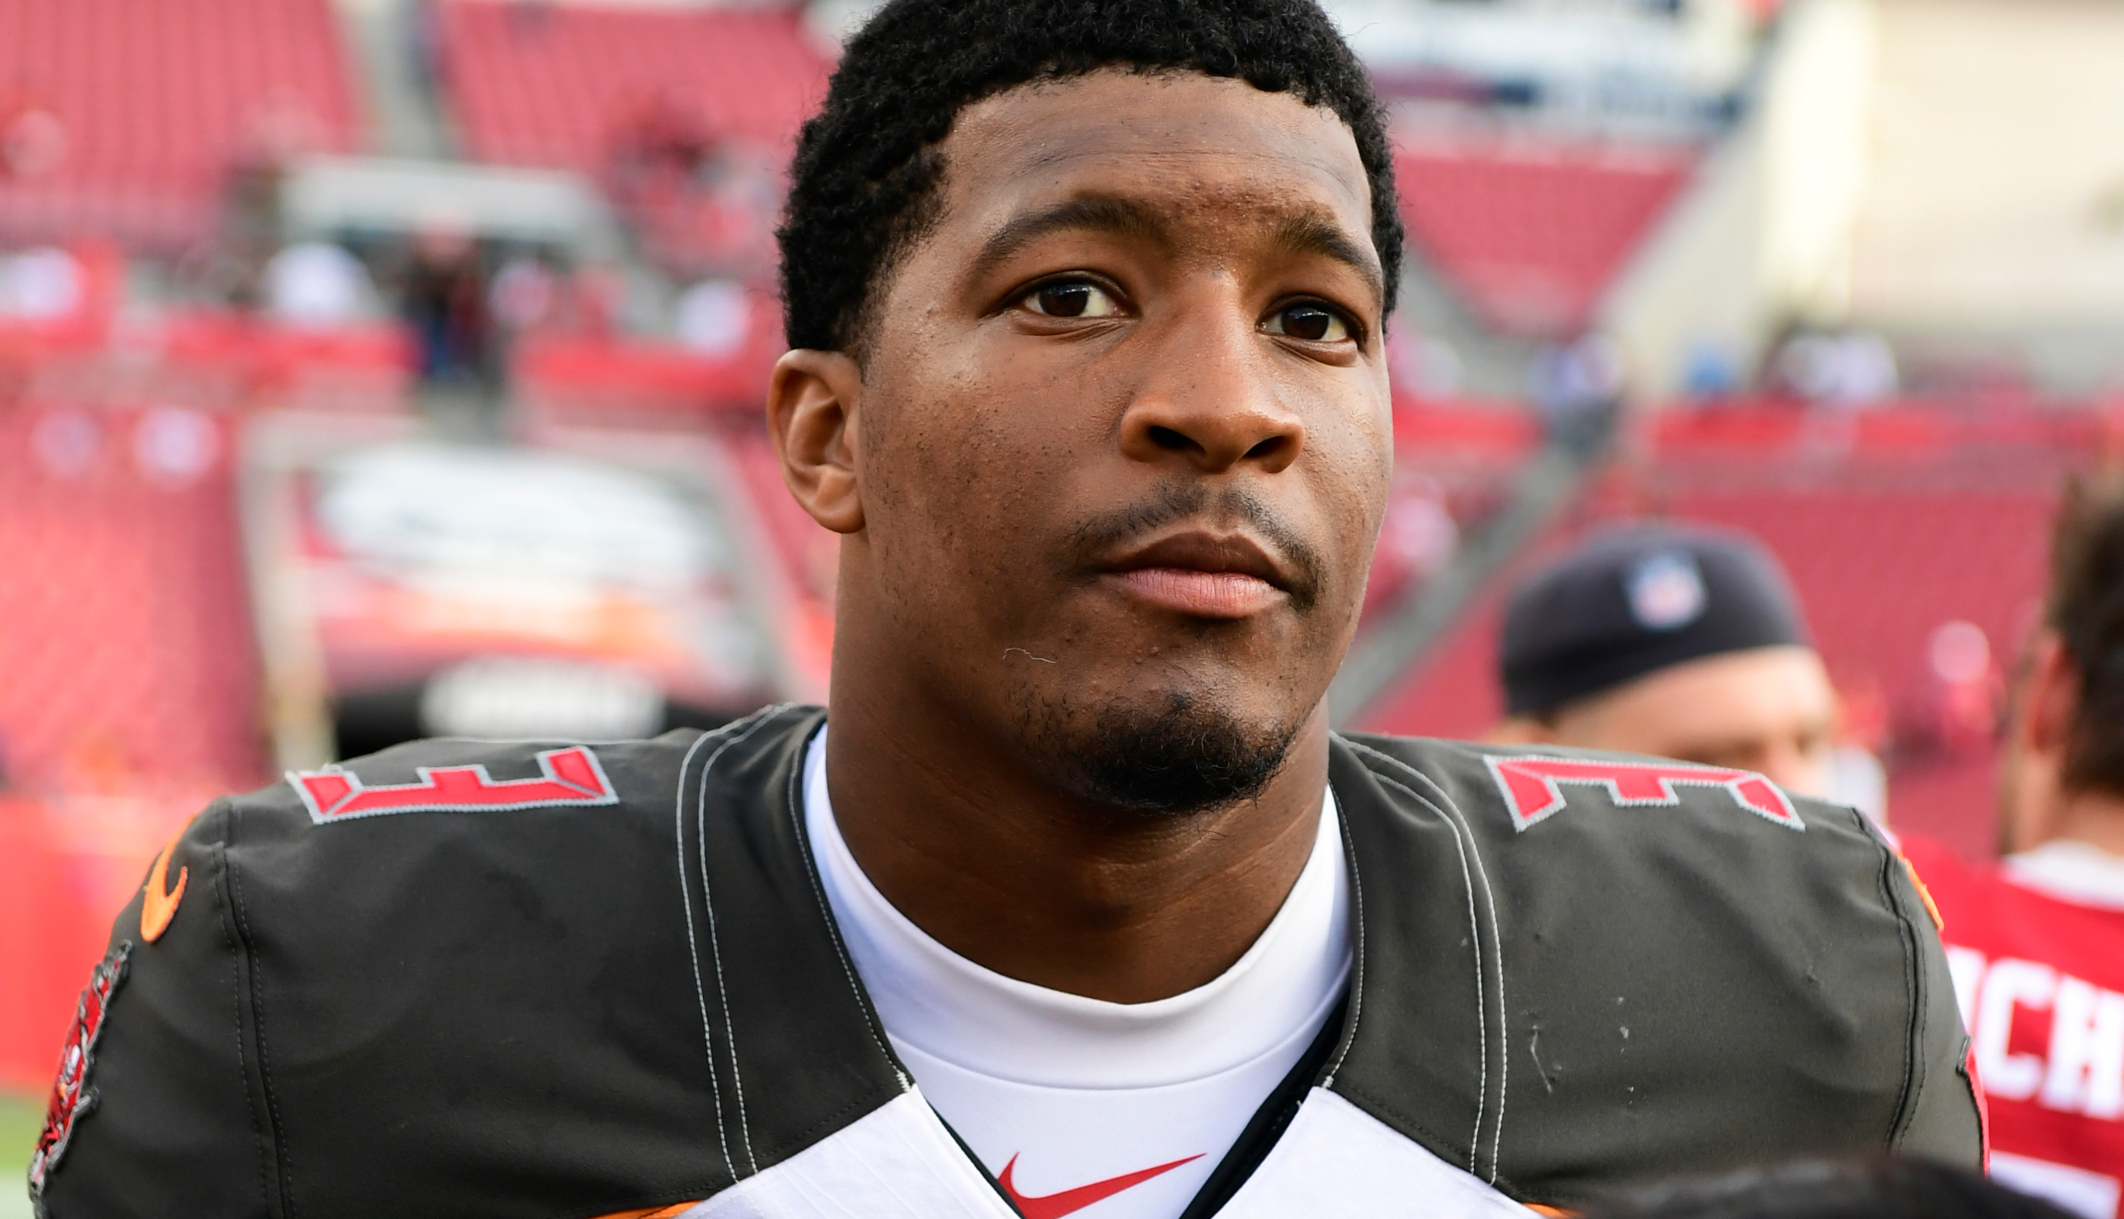 NFL-i mängija Jameis Winston jõudis kokkuleppele Uberi juhiga, kes esitas kompamise kohtu